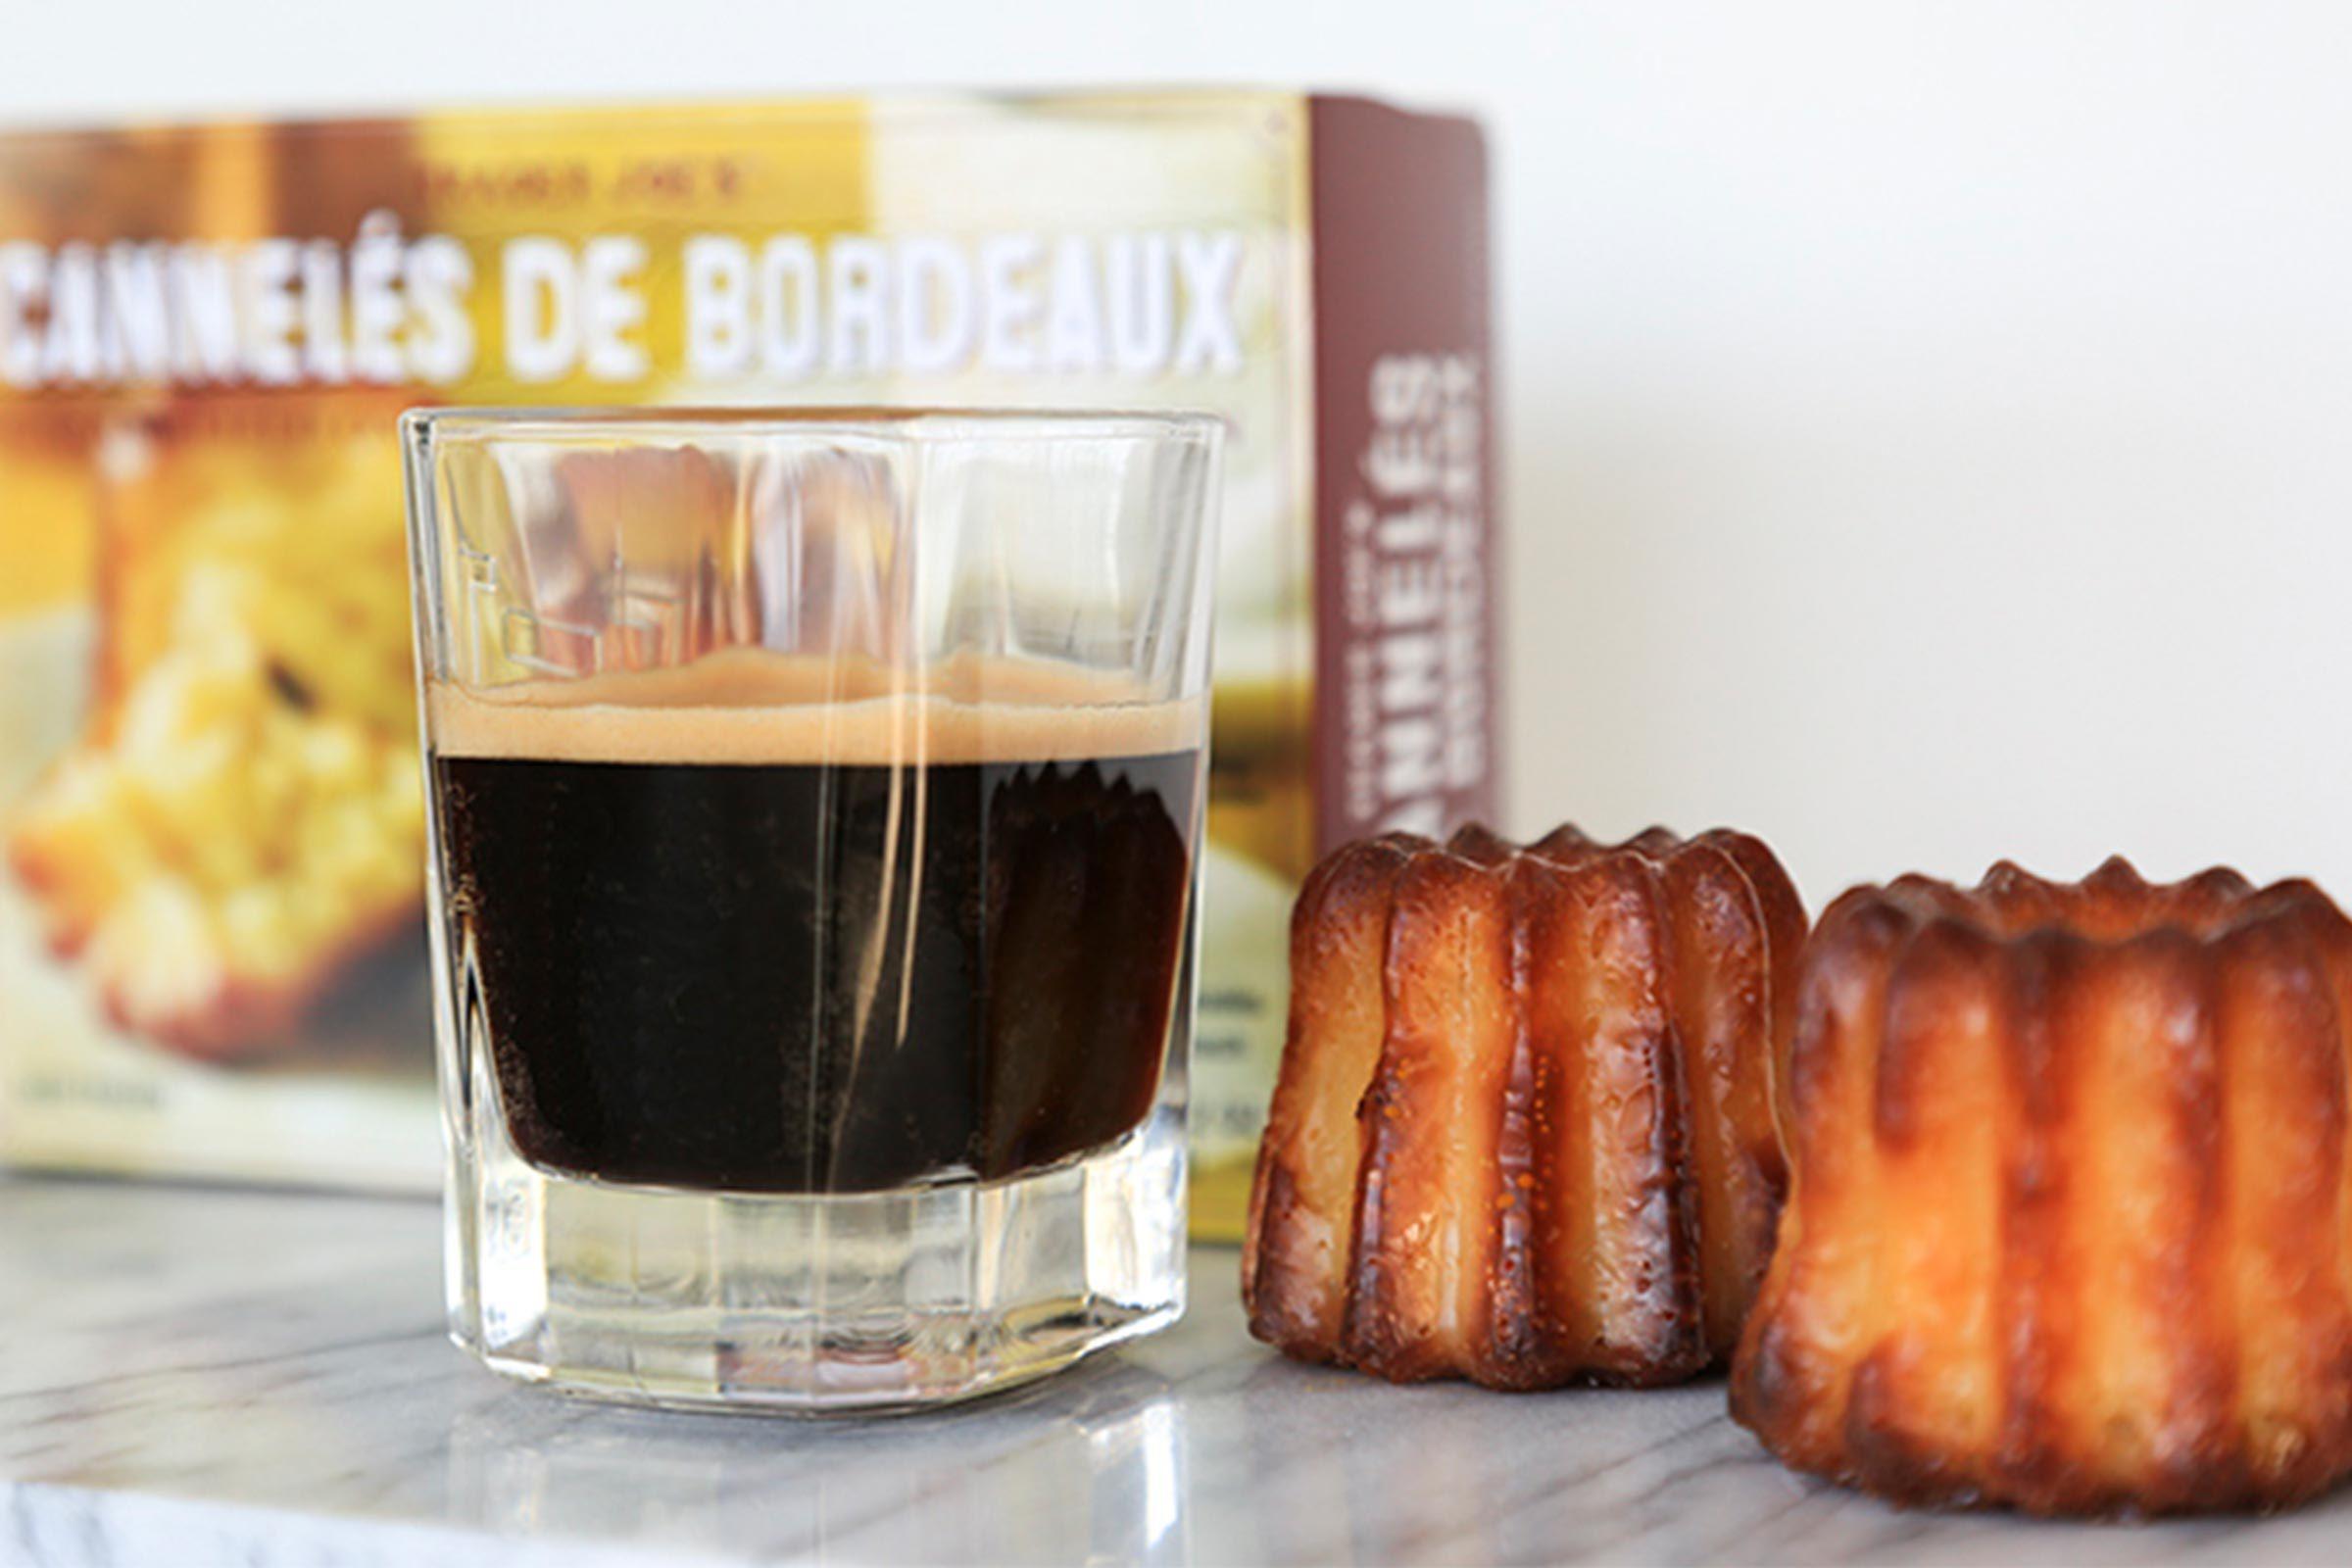 Canneles de Bordeaux